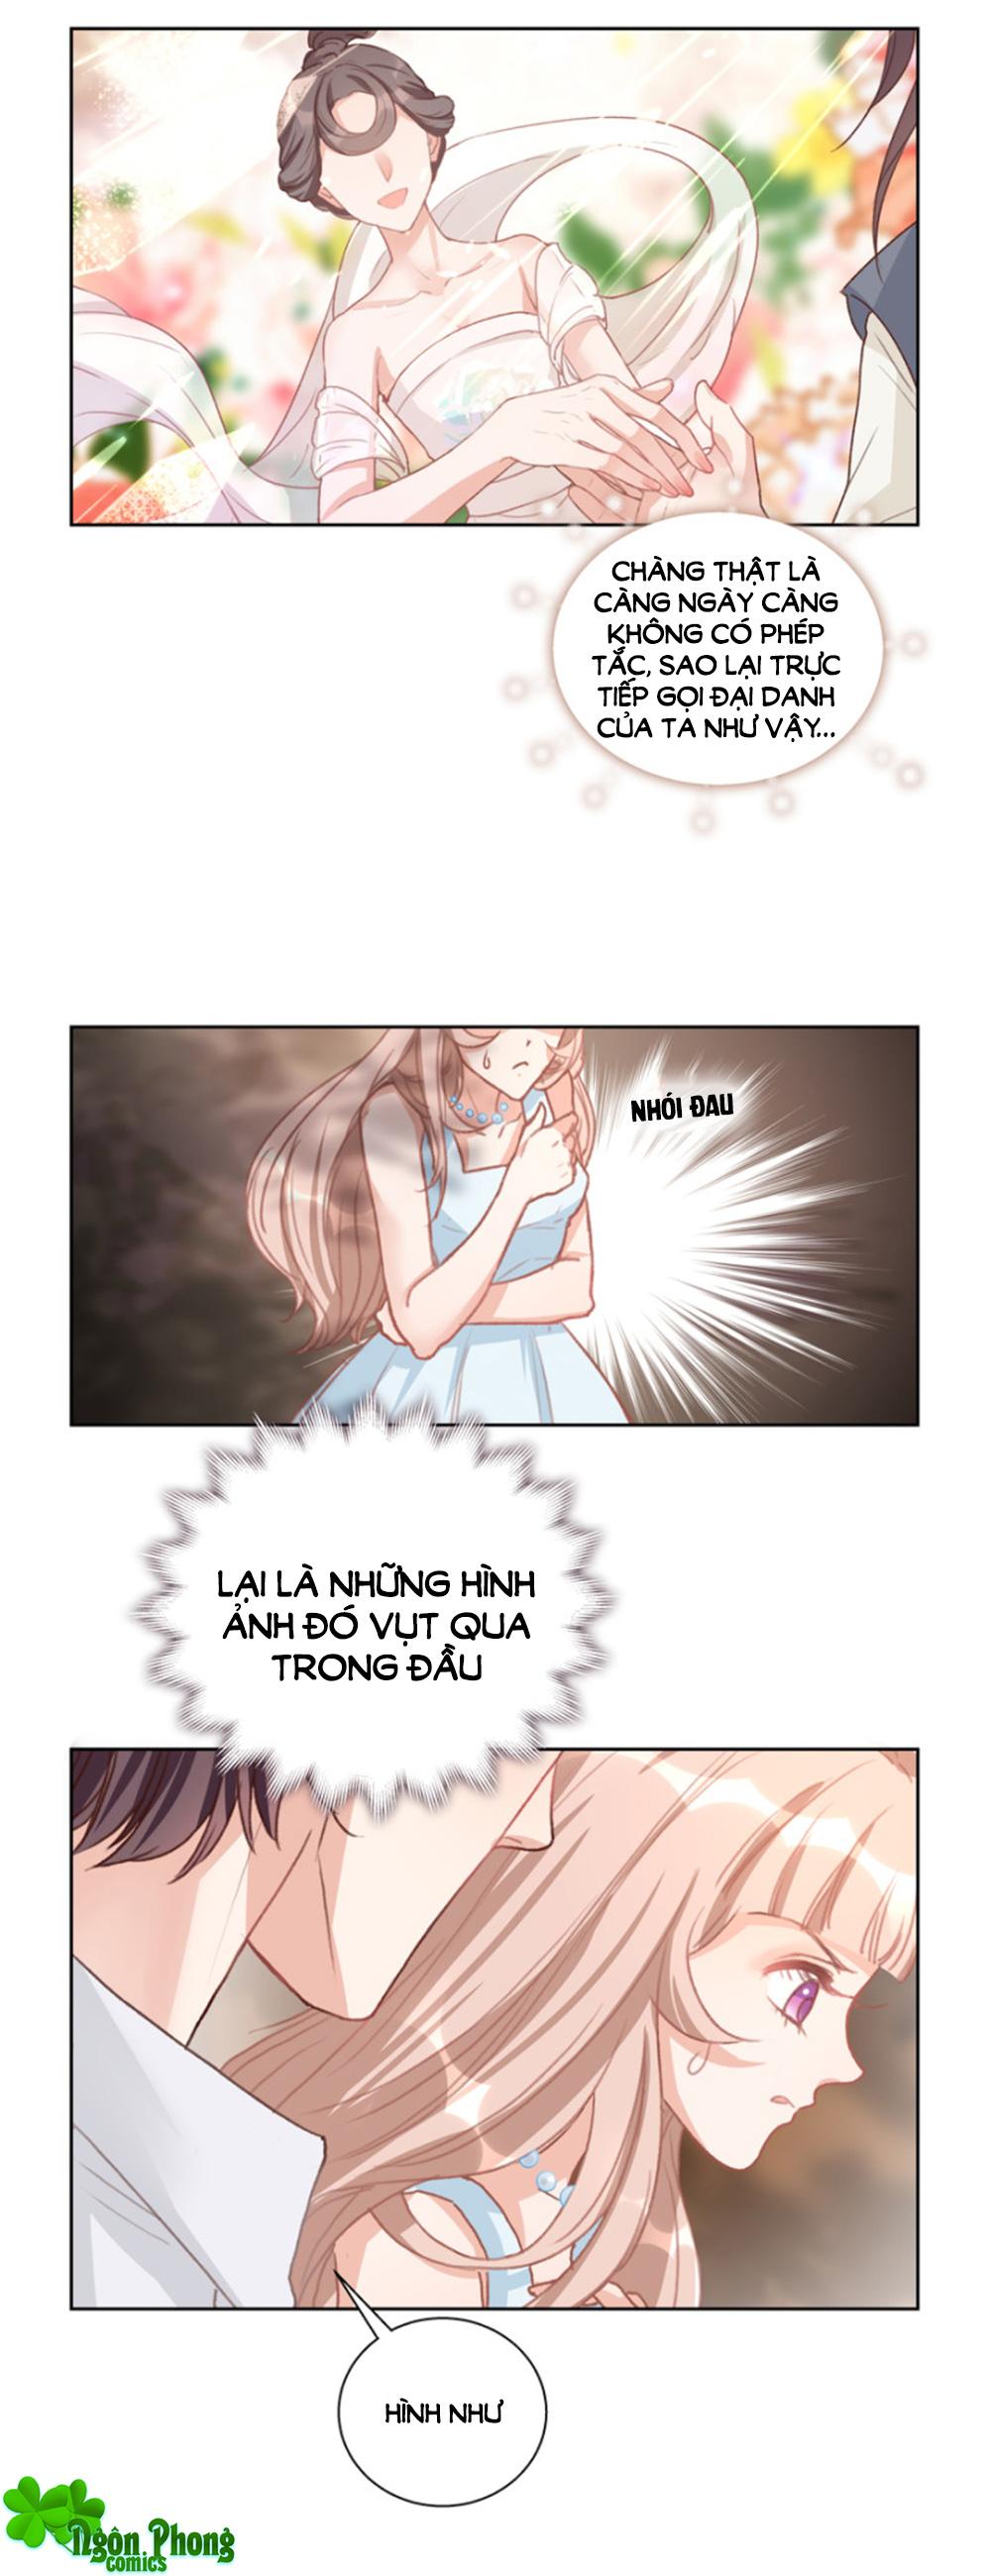 Lưu Luyến Nguy Tình_chap 17